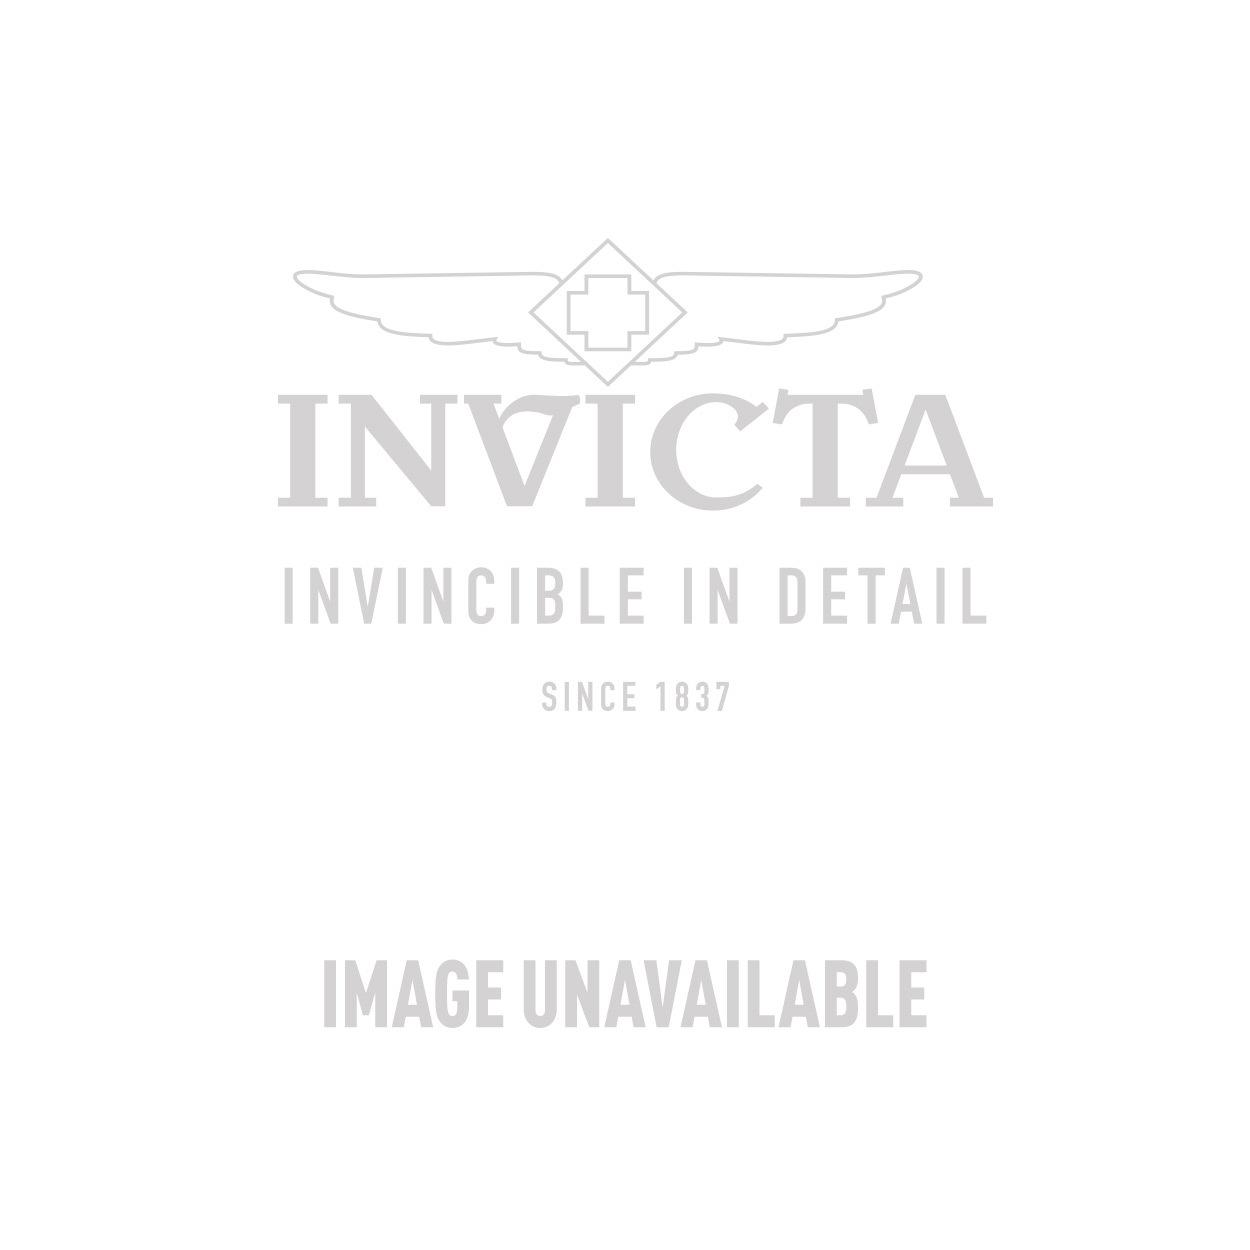 Invicta Model 25699